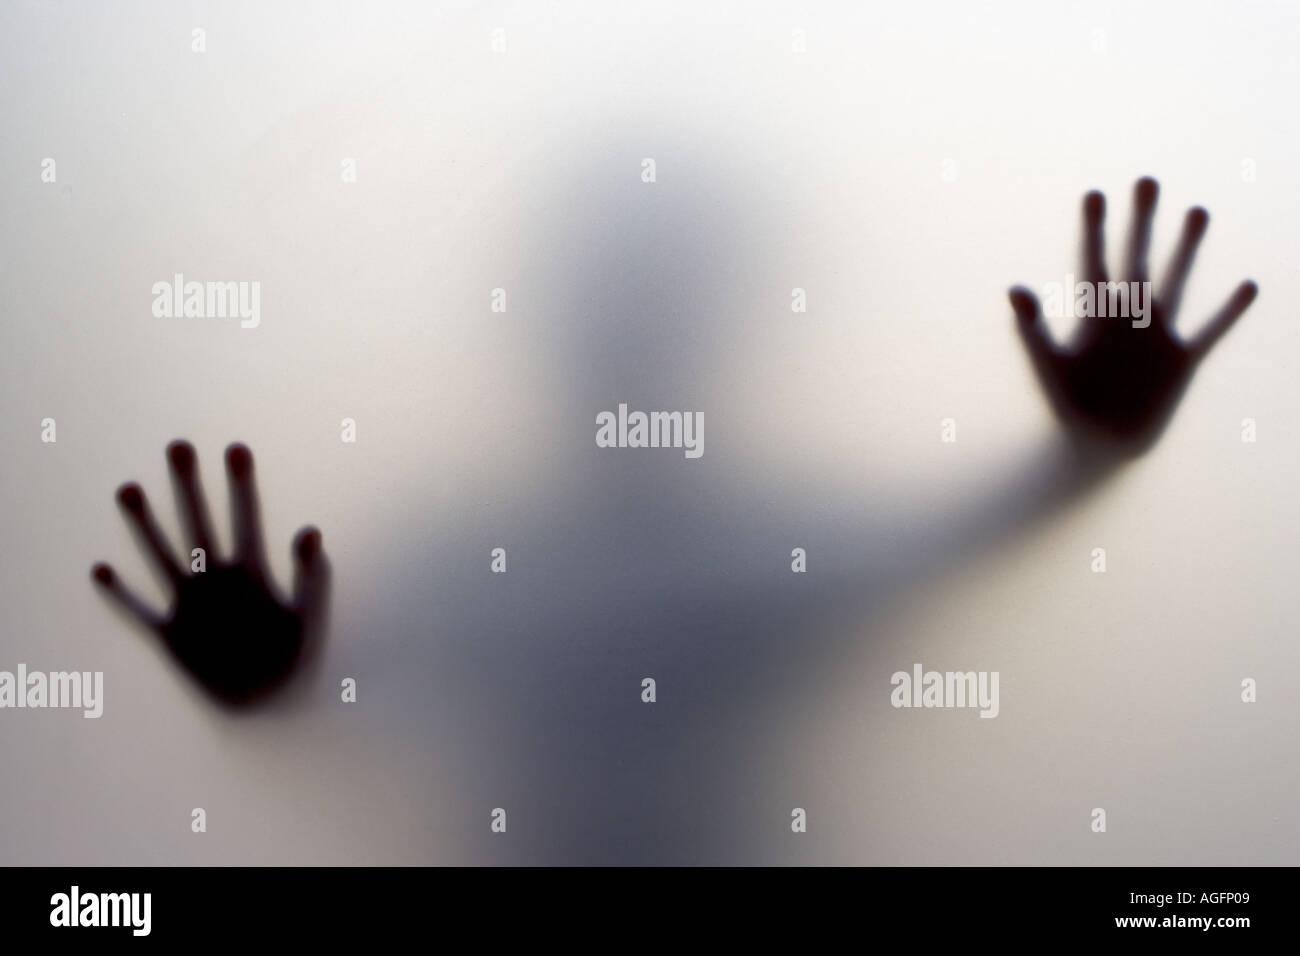 Las manos de un niño apretada contra el cristal de una puerta Imagen De Stock